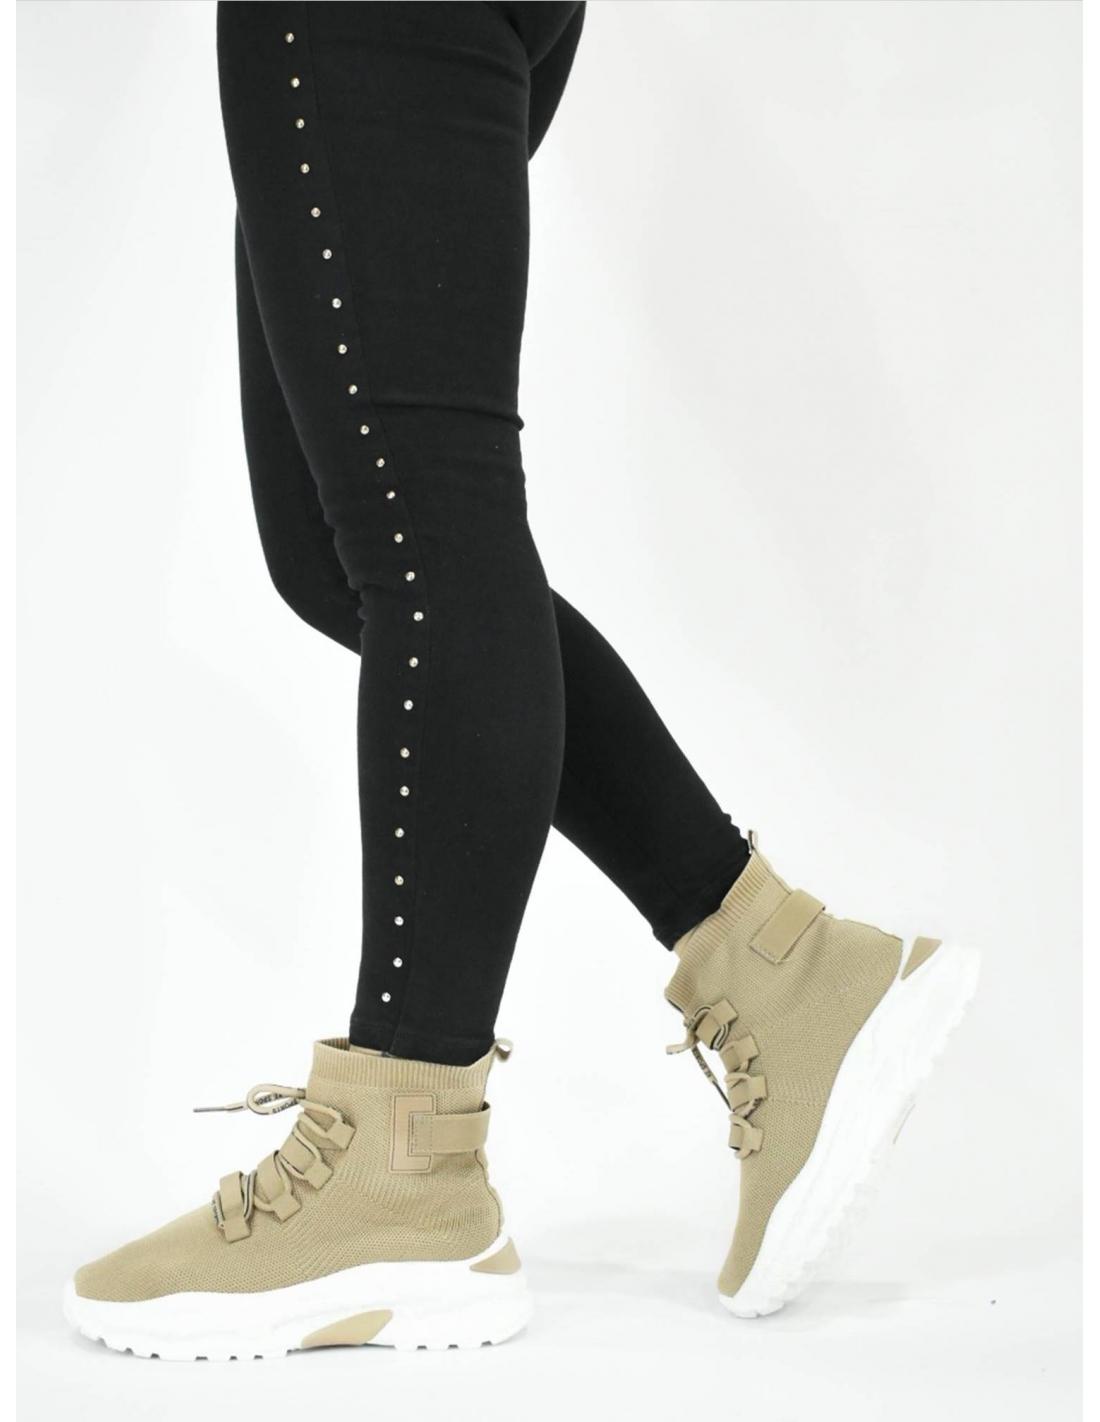 Deportivo calcetin beige